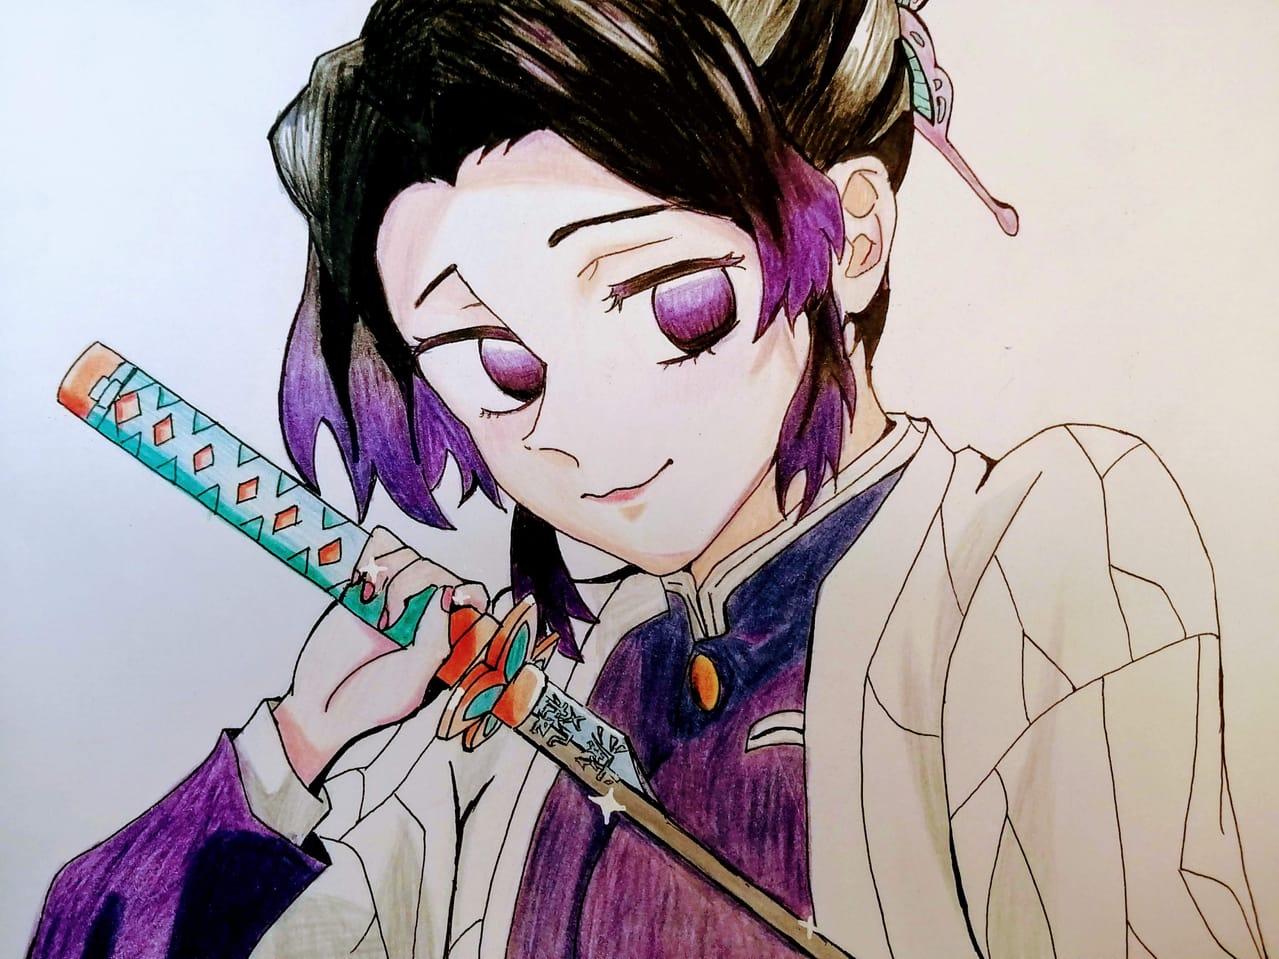 手繪也是很強的 Illust of yoyoanime1005 Emo KimetsunoYaiba AttackonTitan AnalogDrawing KochouShinobu YourName. 我想吃掉你的胰臟